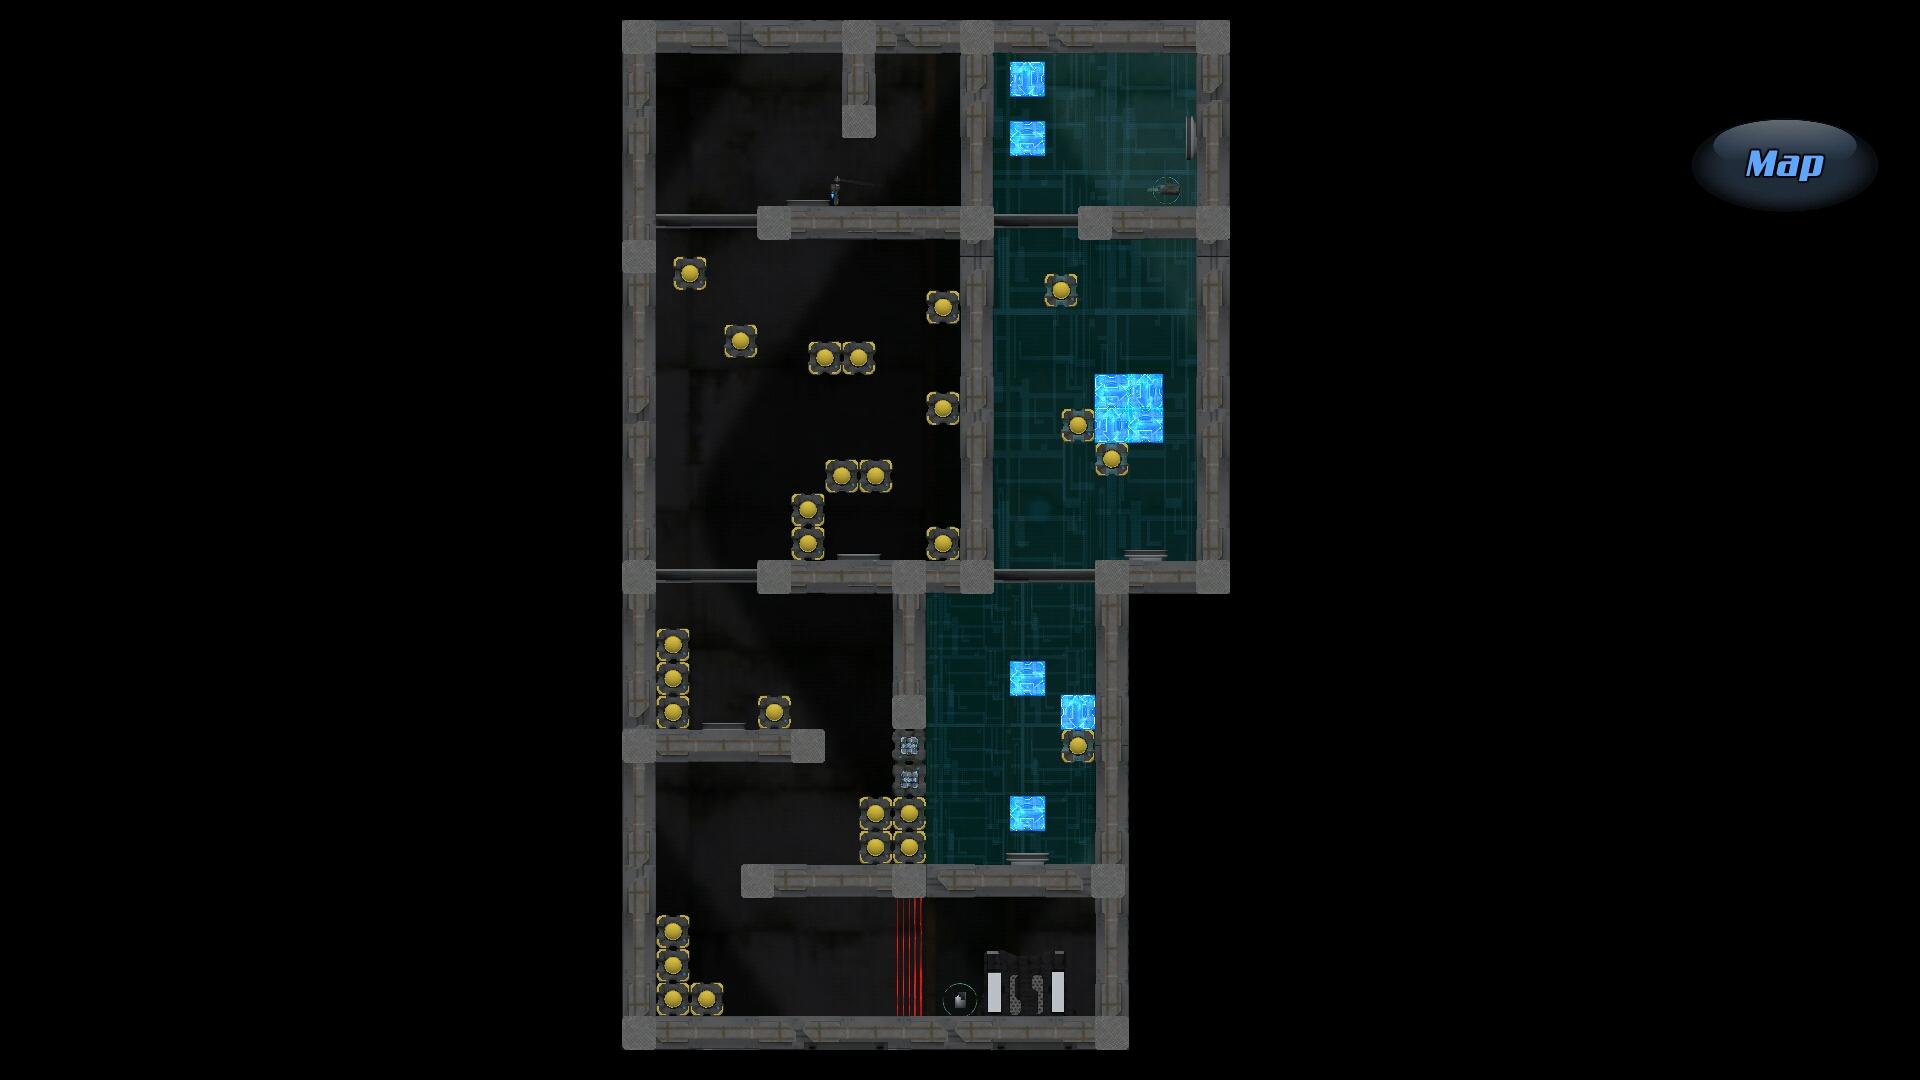 摩擦者游戏汉化版 v1.0.2截图